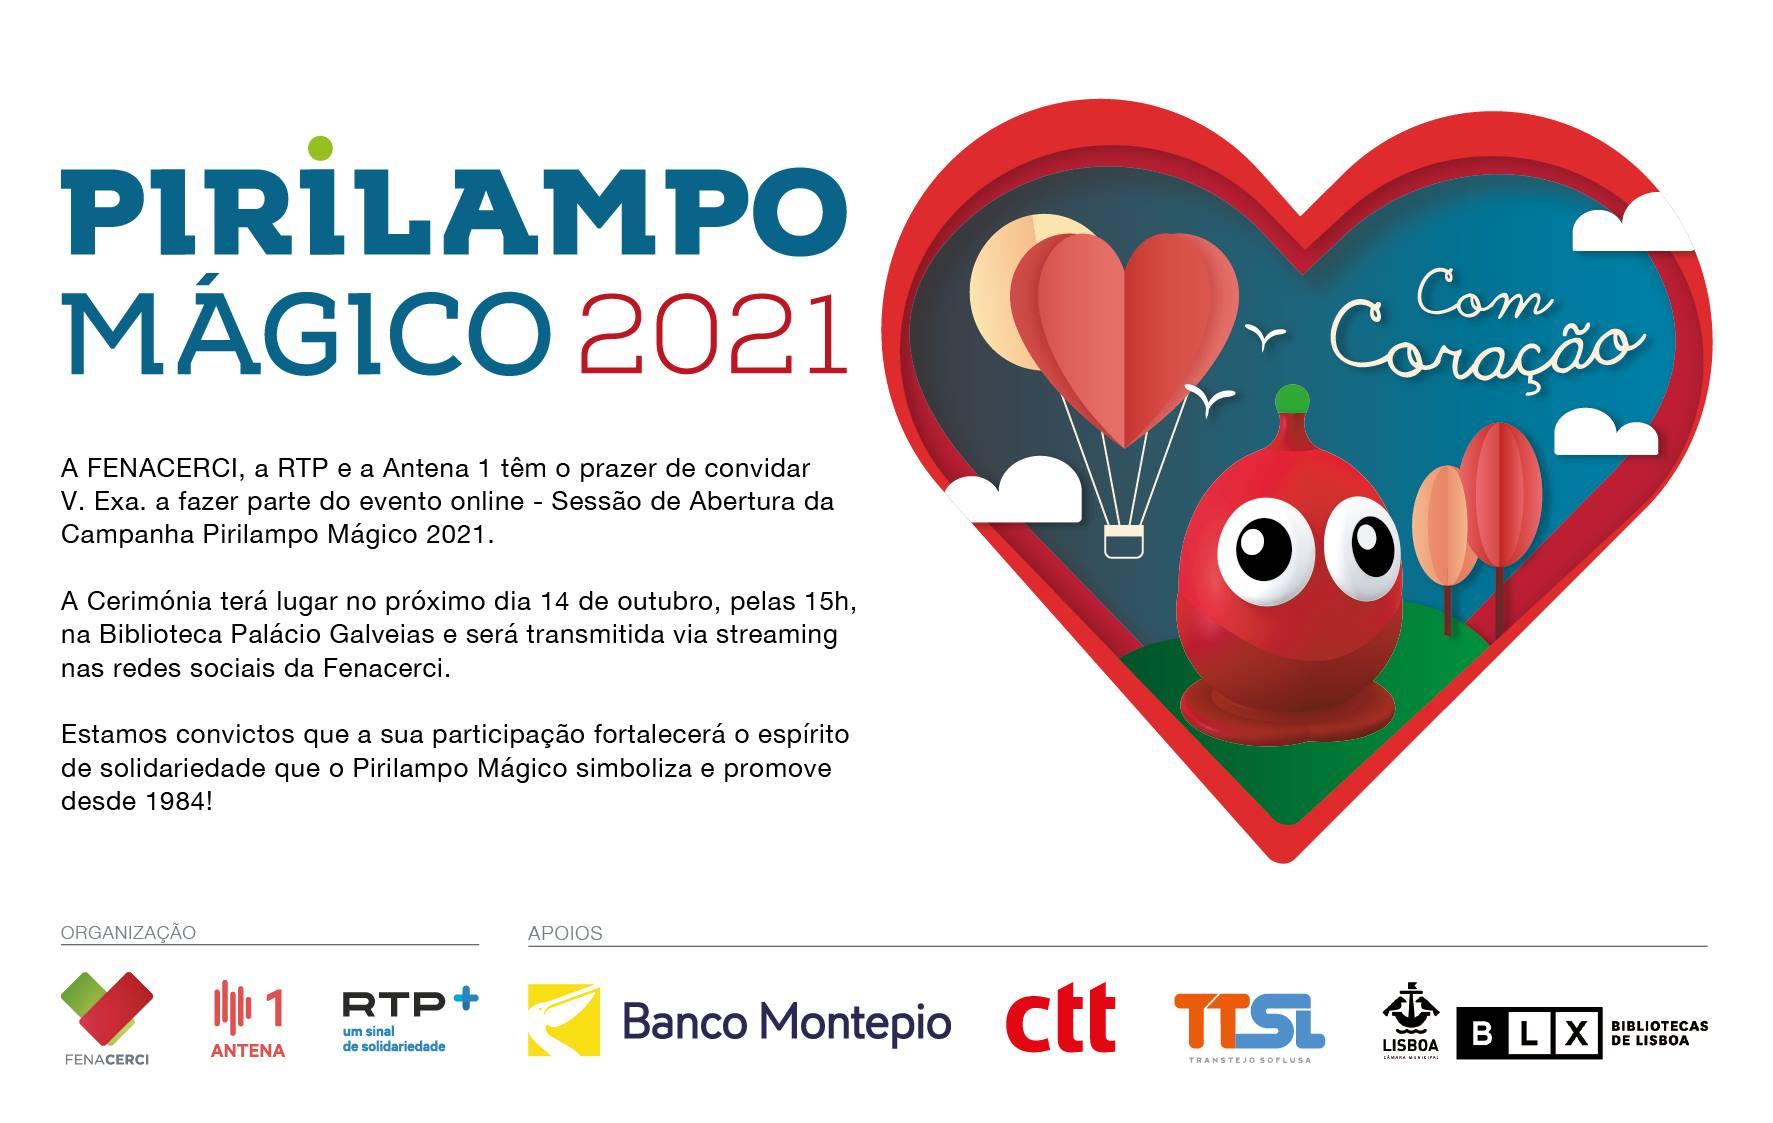 Sessão de abertura da Campanha Pirilampo Mágico 2021